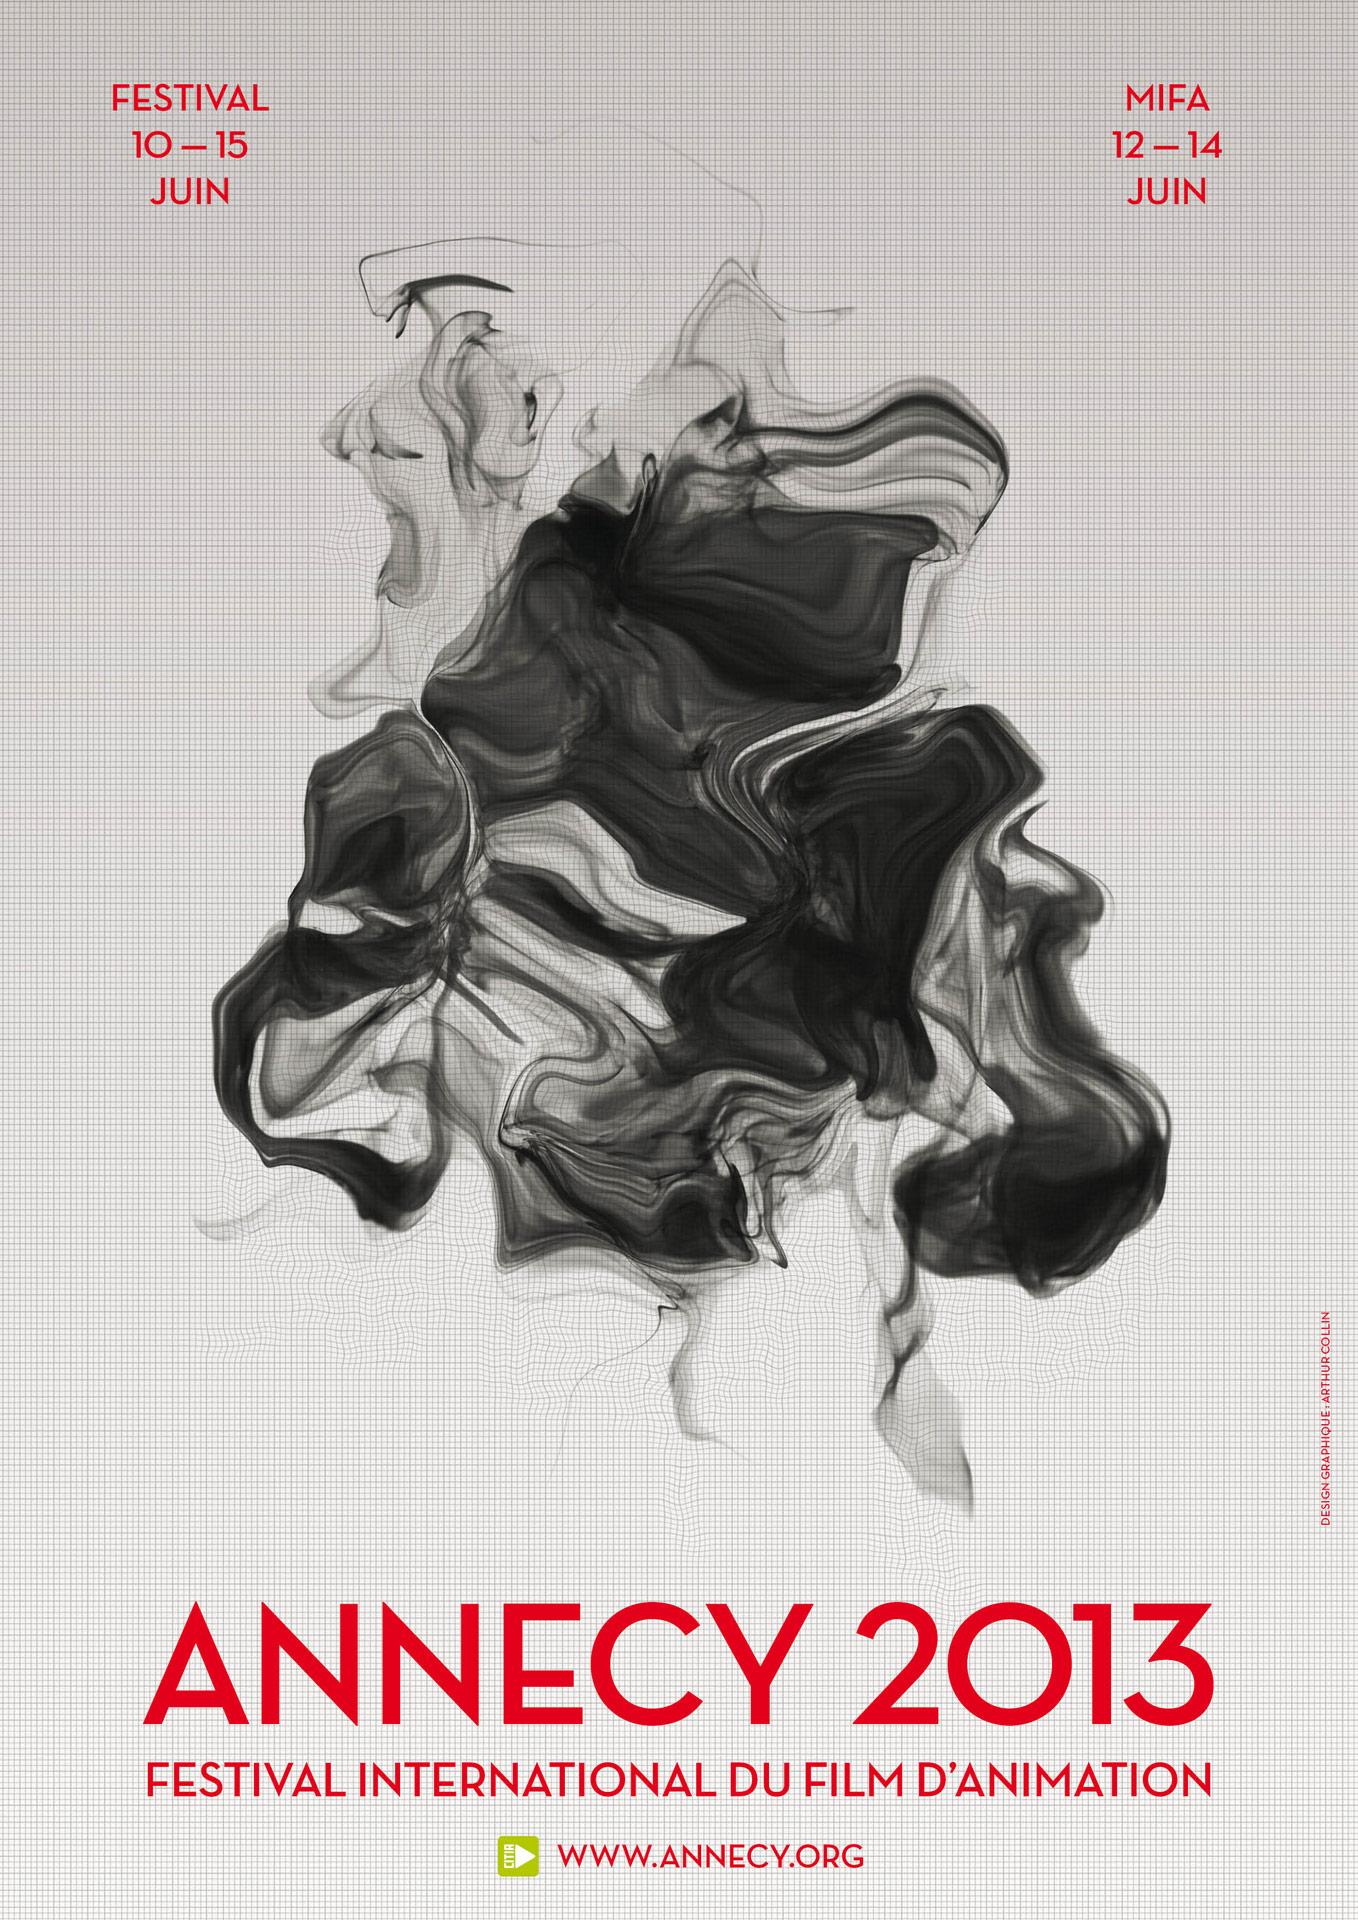 affiche annecy 2013